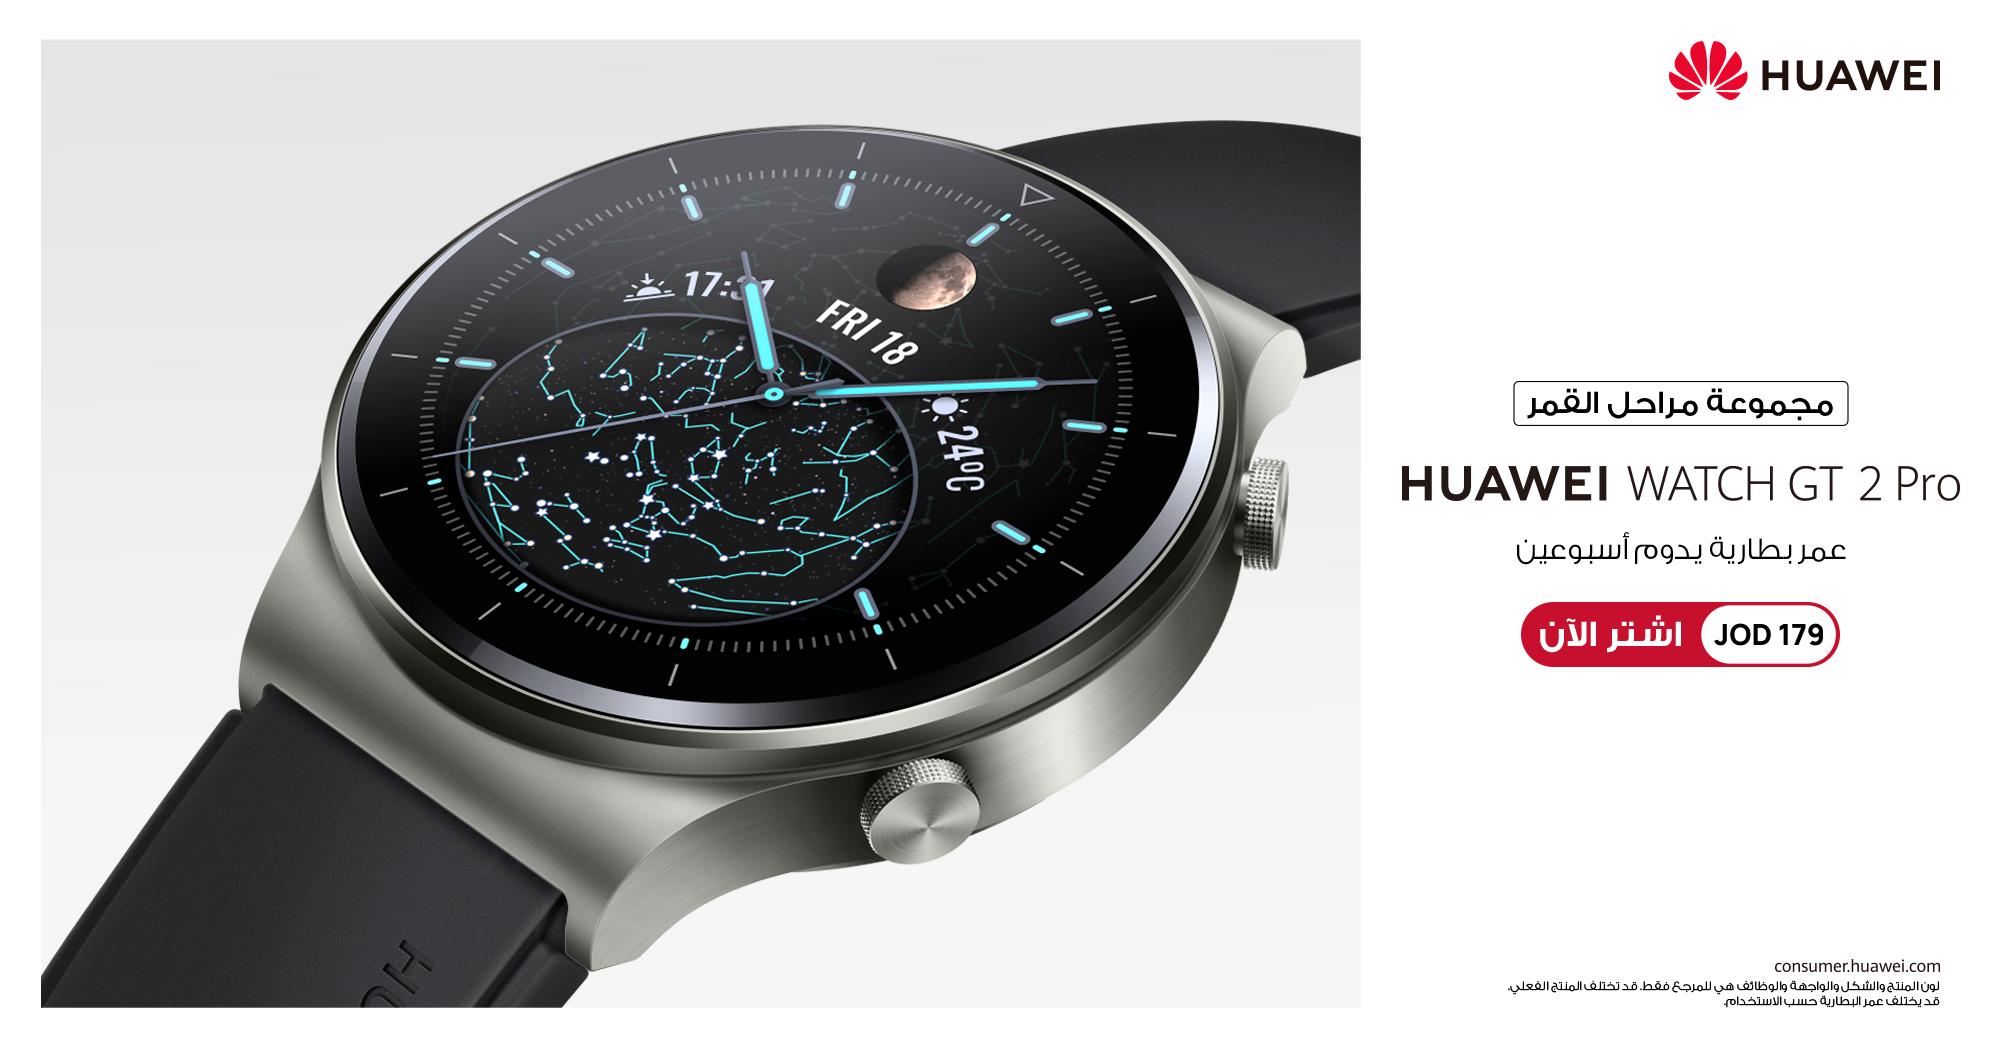 بتصميم استثنائي وبطارية تدوم أسبوعين ساعةHuawei WATCH GT 2 Pro  مع مجموعة مراحل القمر الجديدة متوفرة الآن في الأردن